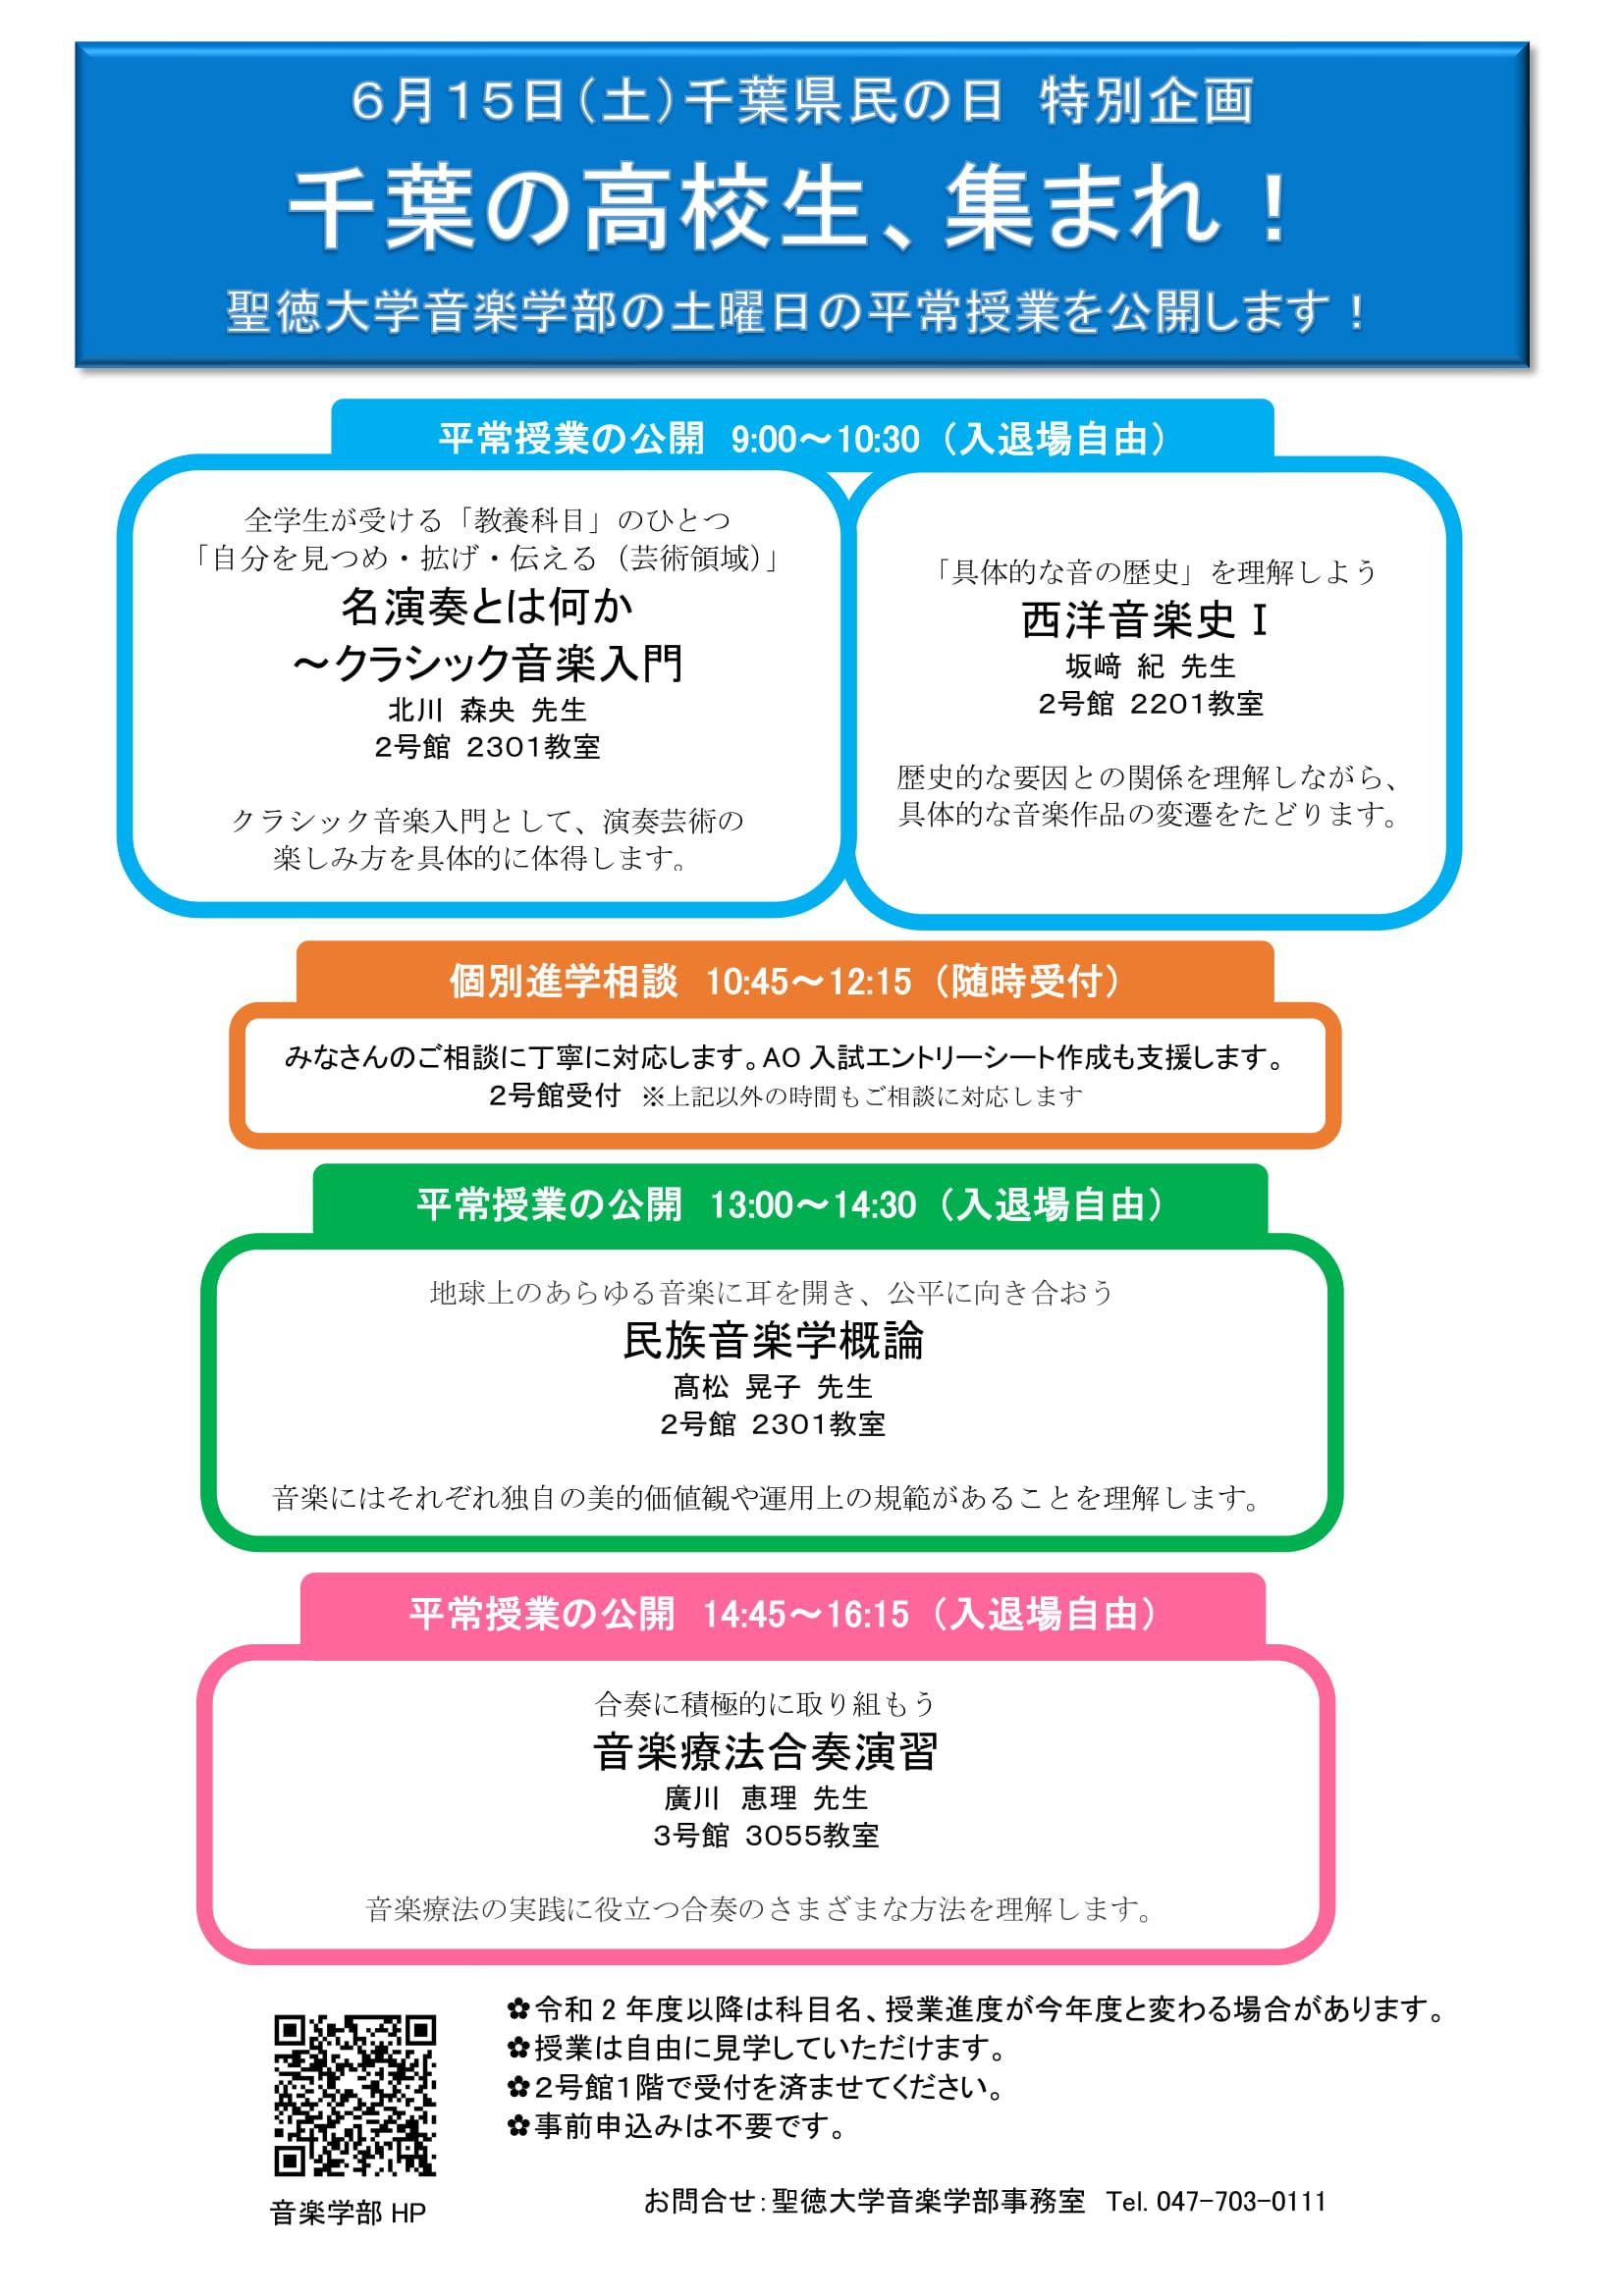 6/15(土) 千葉県民の日、音楽学部の平常授業を公開します